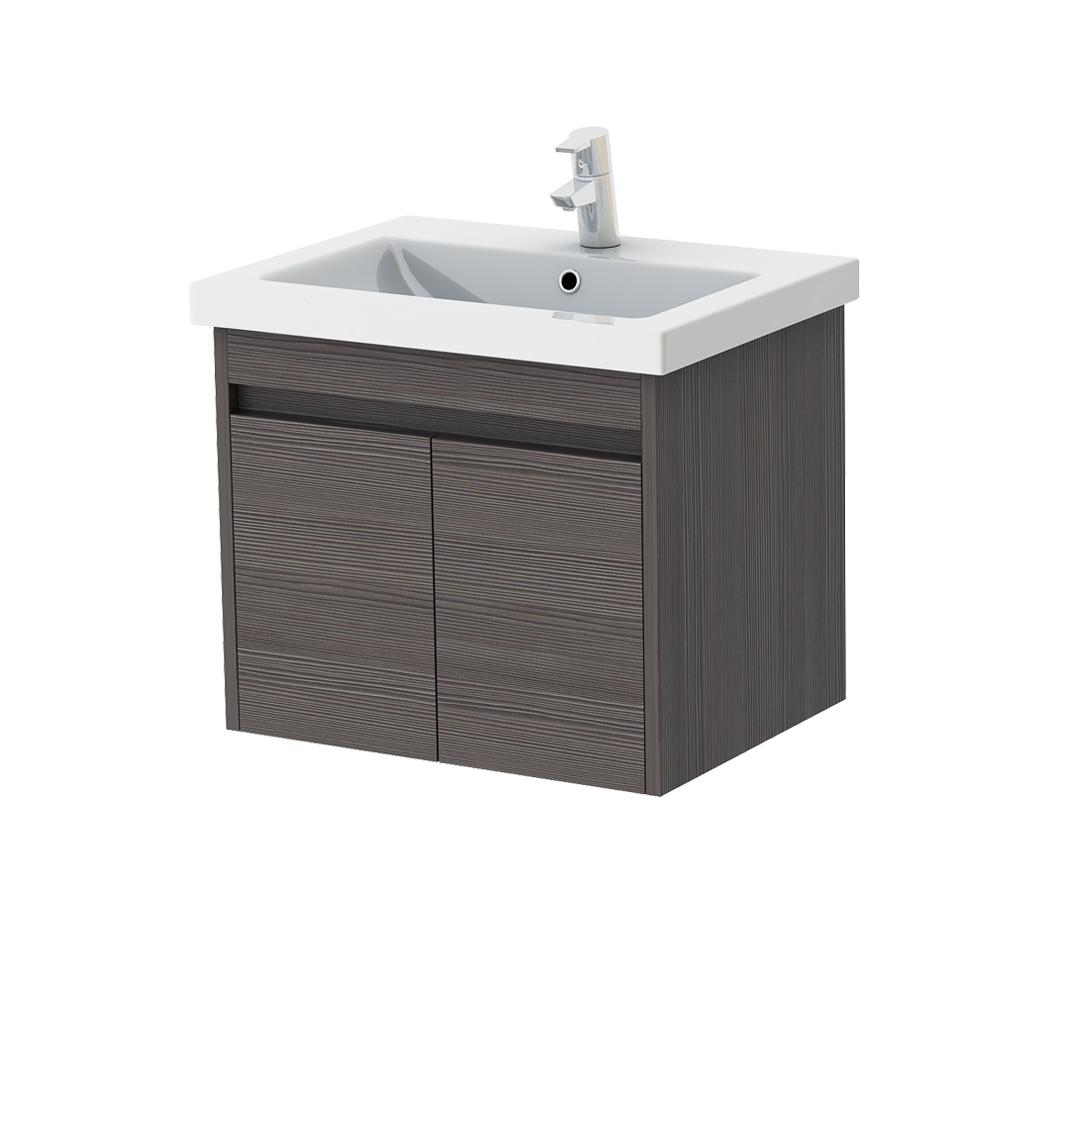 Kúpeľňová skrinka na stenu s umývadlom - Juventa - Ravenna - Rv-60 (sivohnedá). Sme autorizovaný predajca Juventa. Vlastná spoľahlivá doprava až k Vám domov.